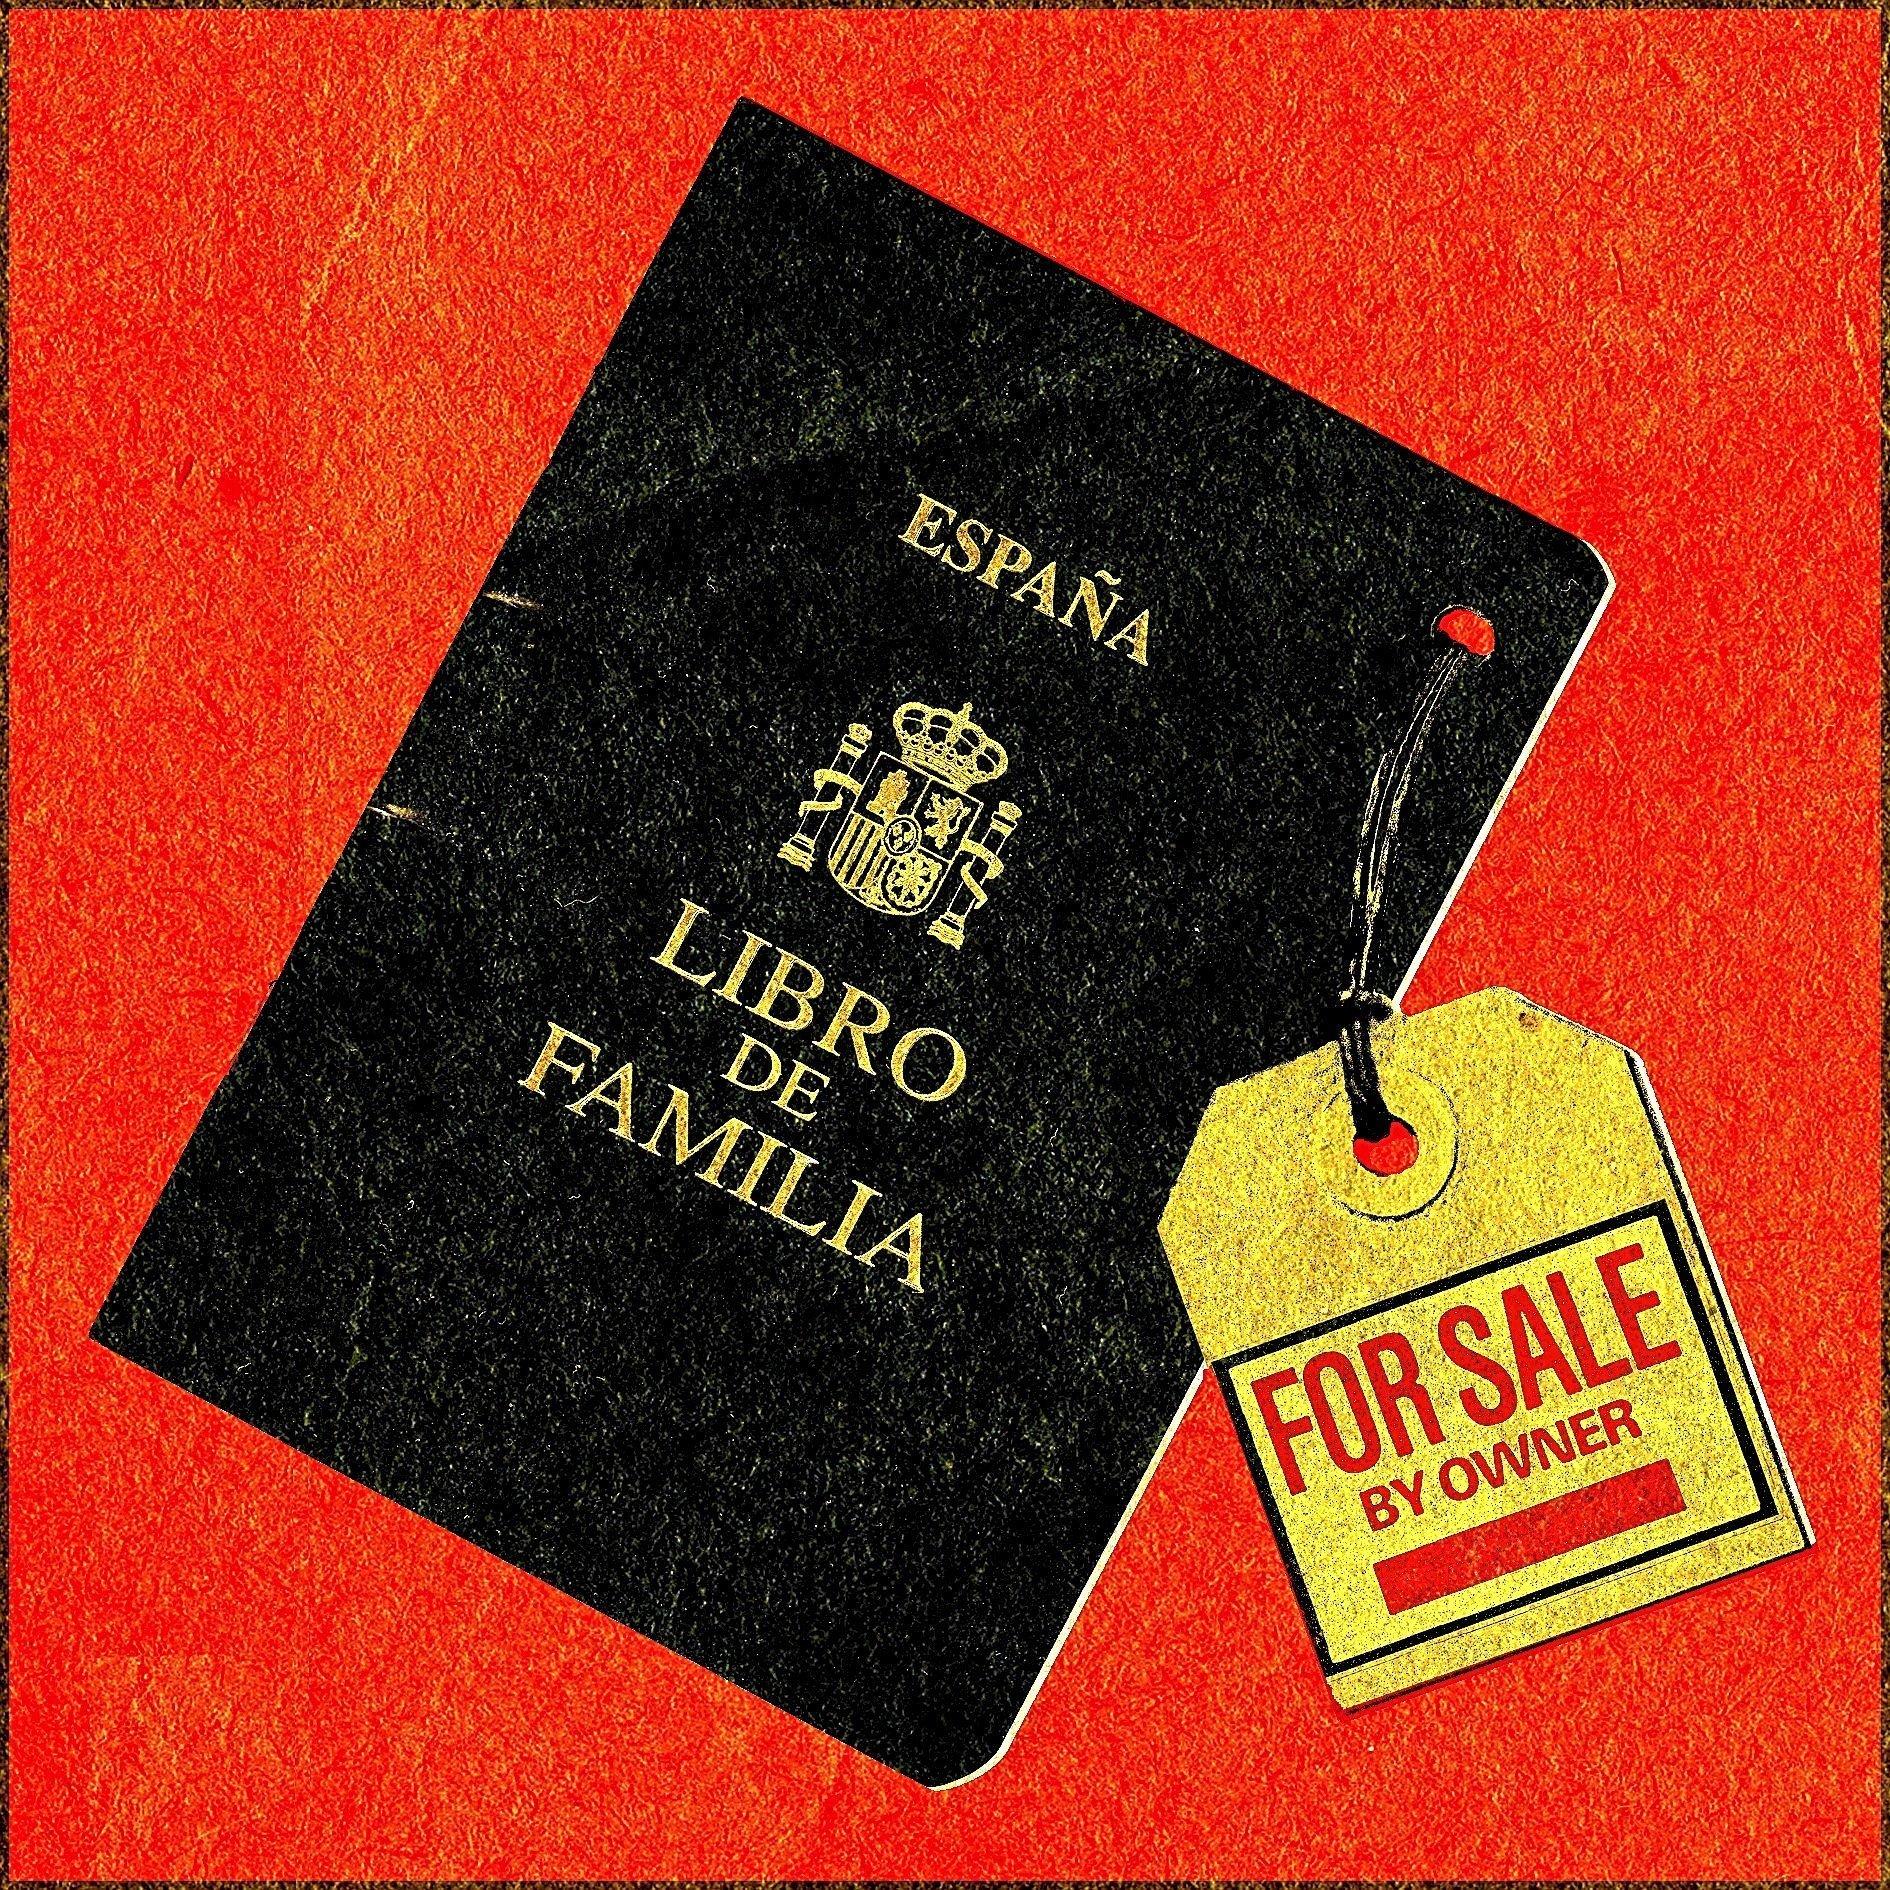 Le livre de famille n'est plus publié au format f